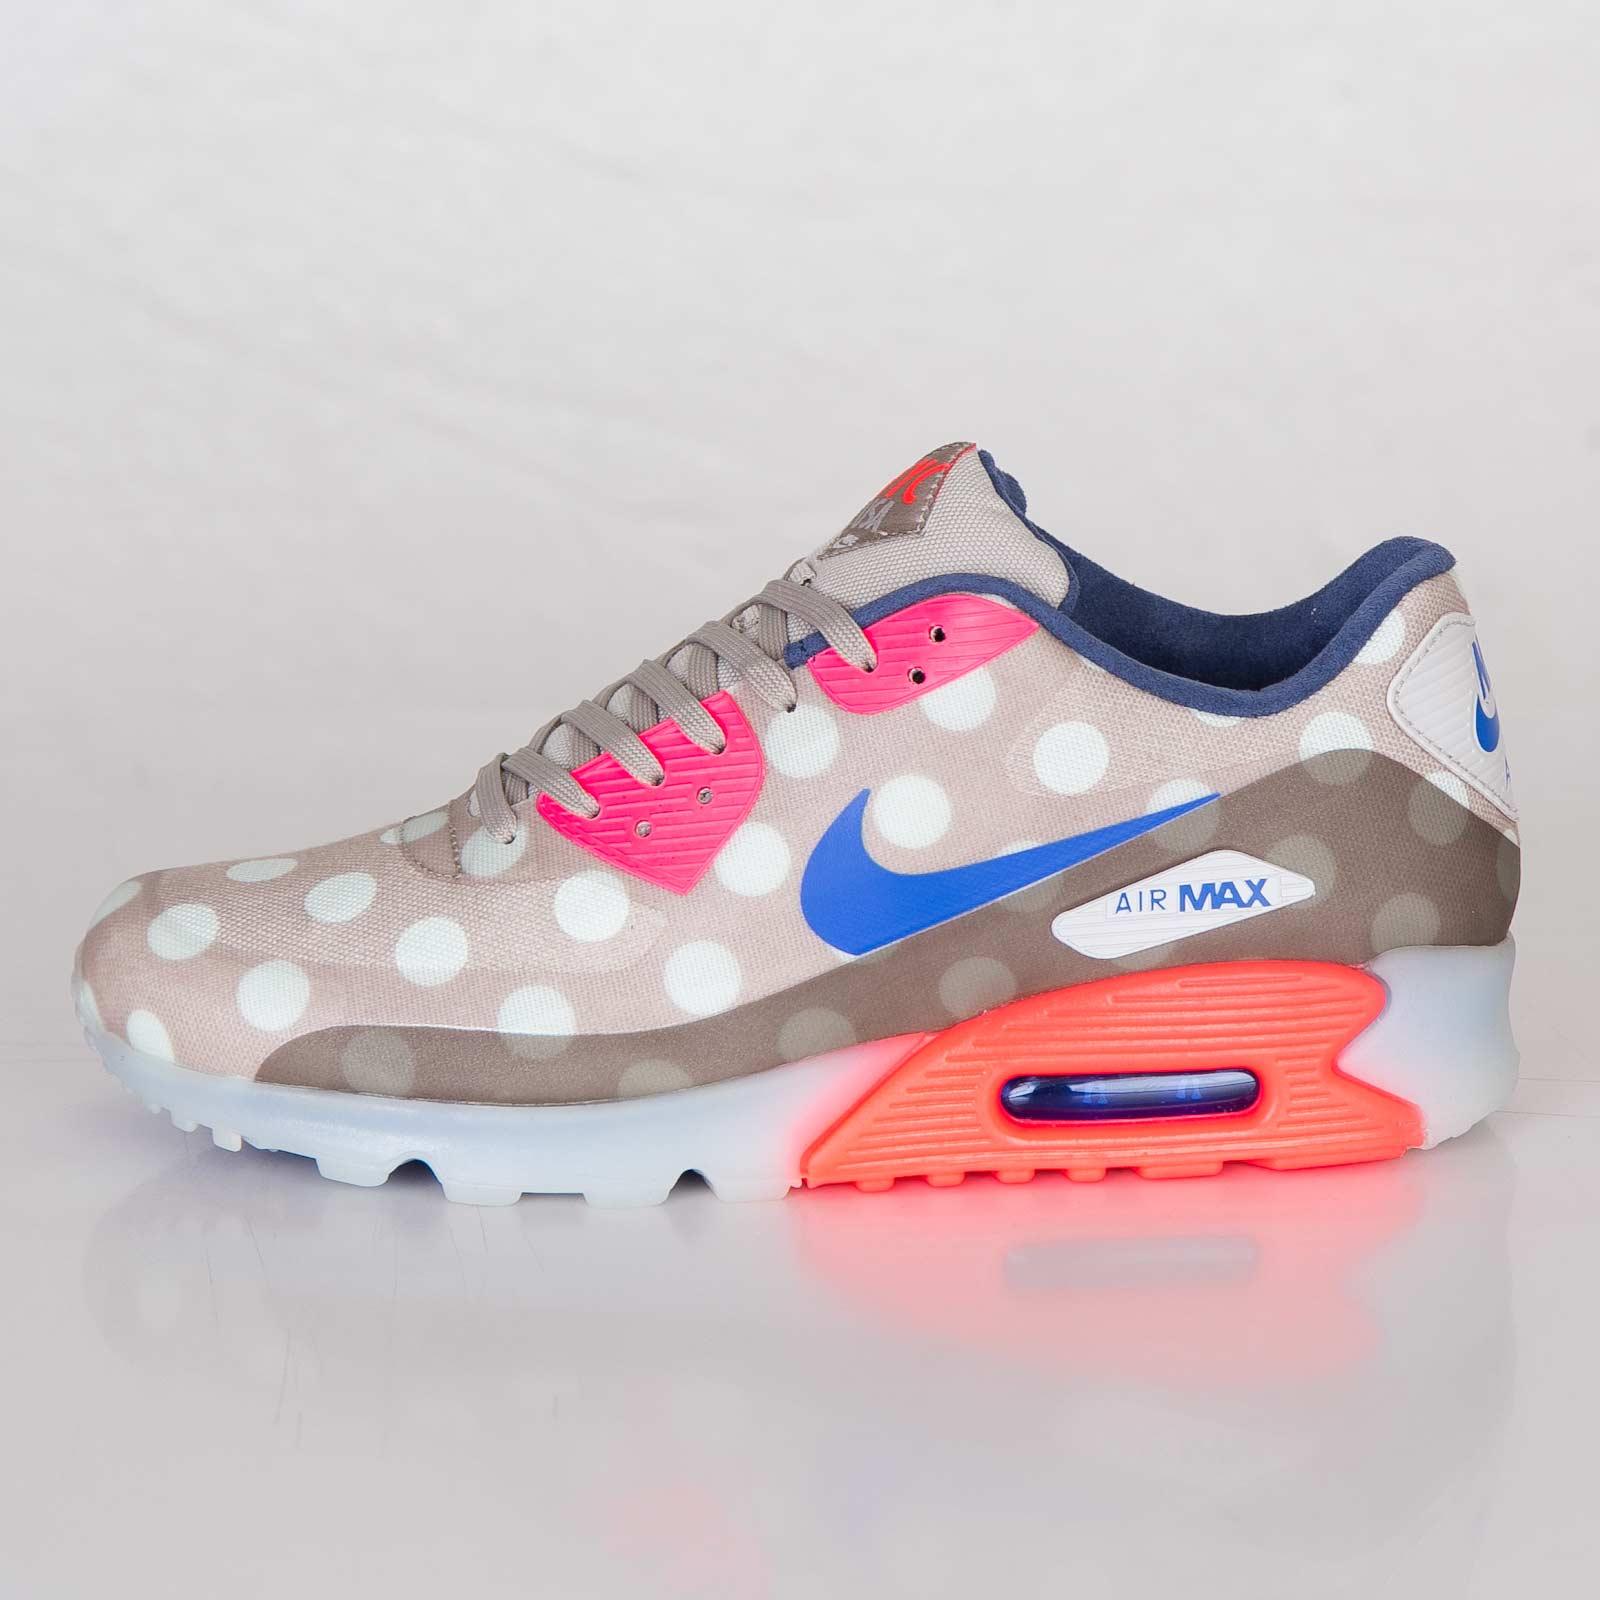 huge discount 95e9a a88f2 ... Nike Air Max 90 Ice City QS ...